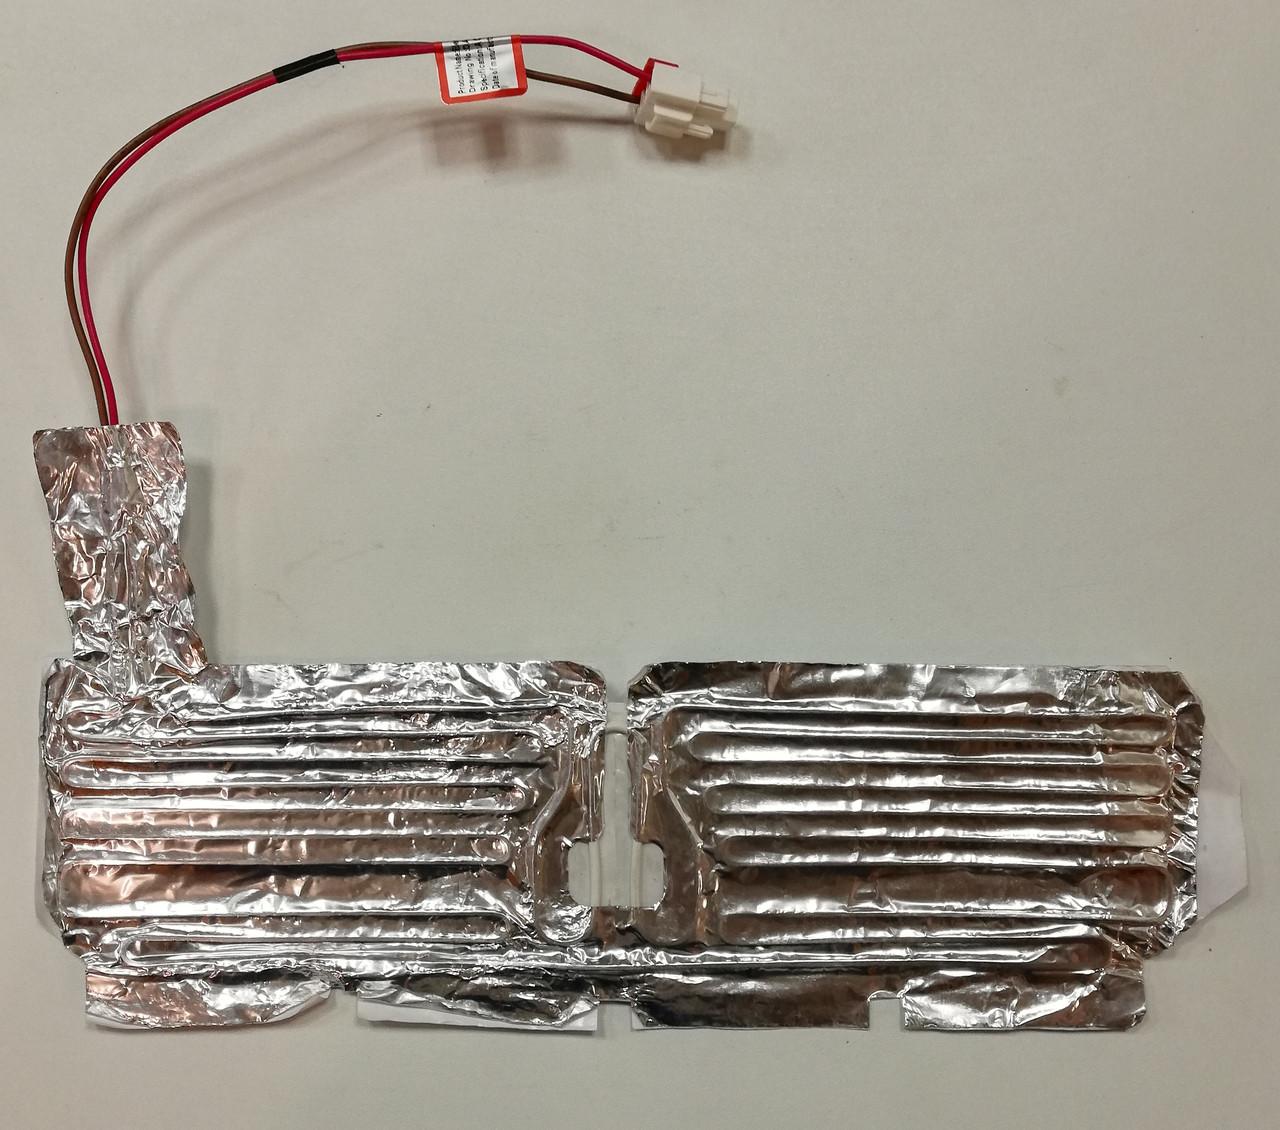 Тэн каплепада для холодильника Samsung DA47-00038B